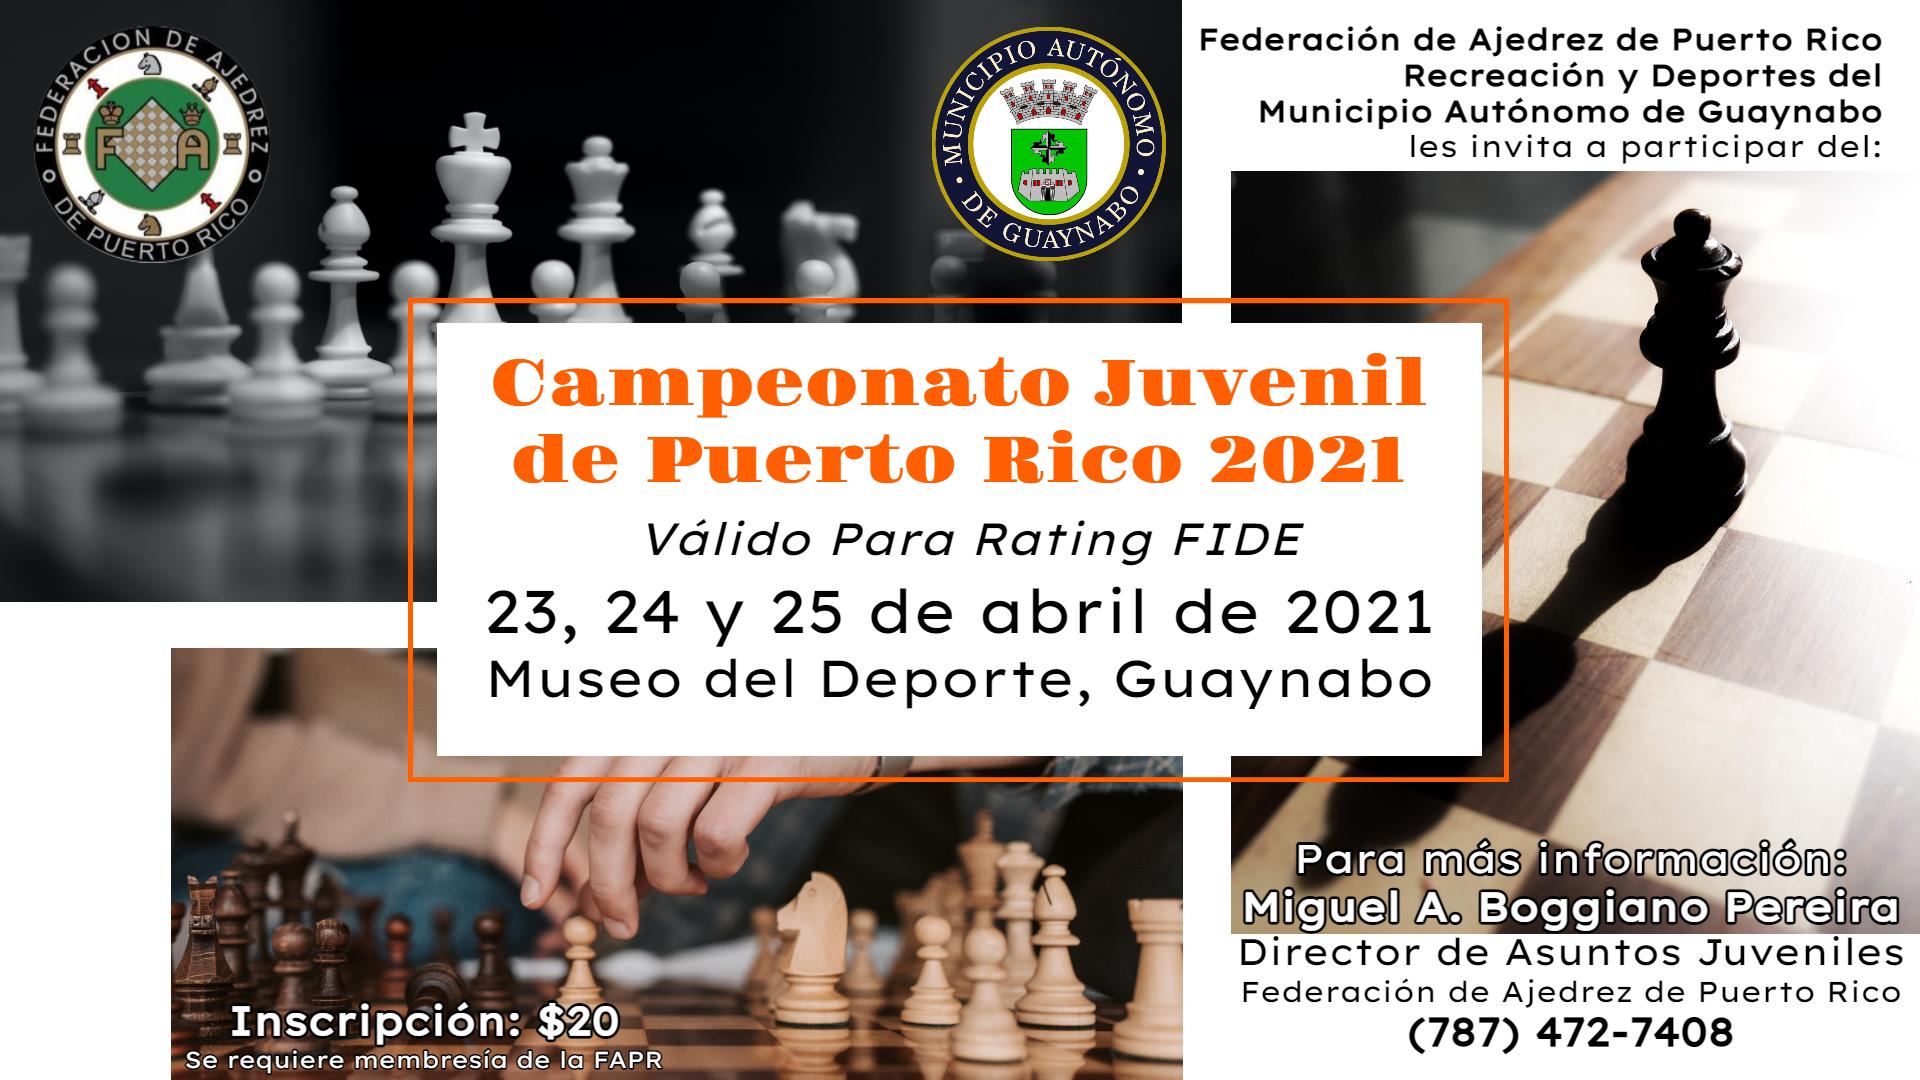 Campeonato Juvenil de Puerto Rico 2021